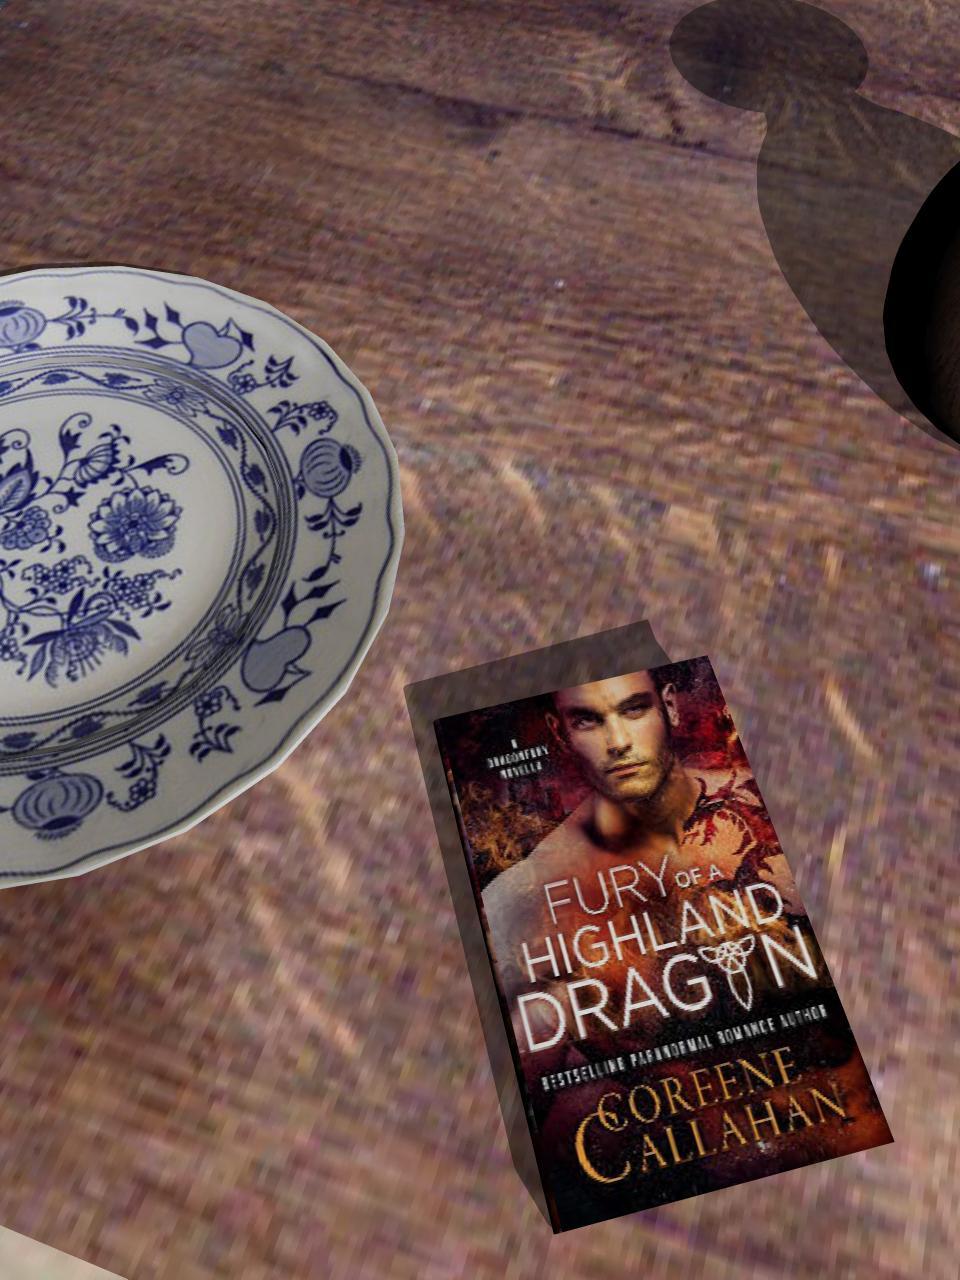 Fury of a Highland Dragon (Dragonfury Scotland Book1)